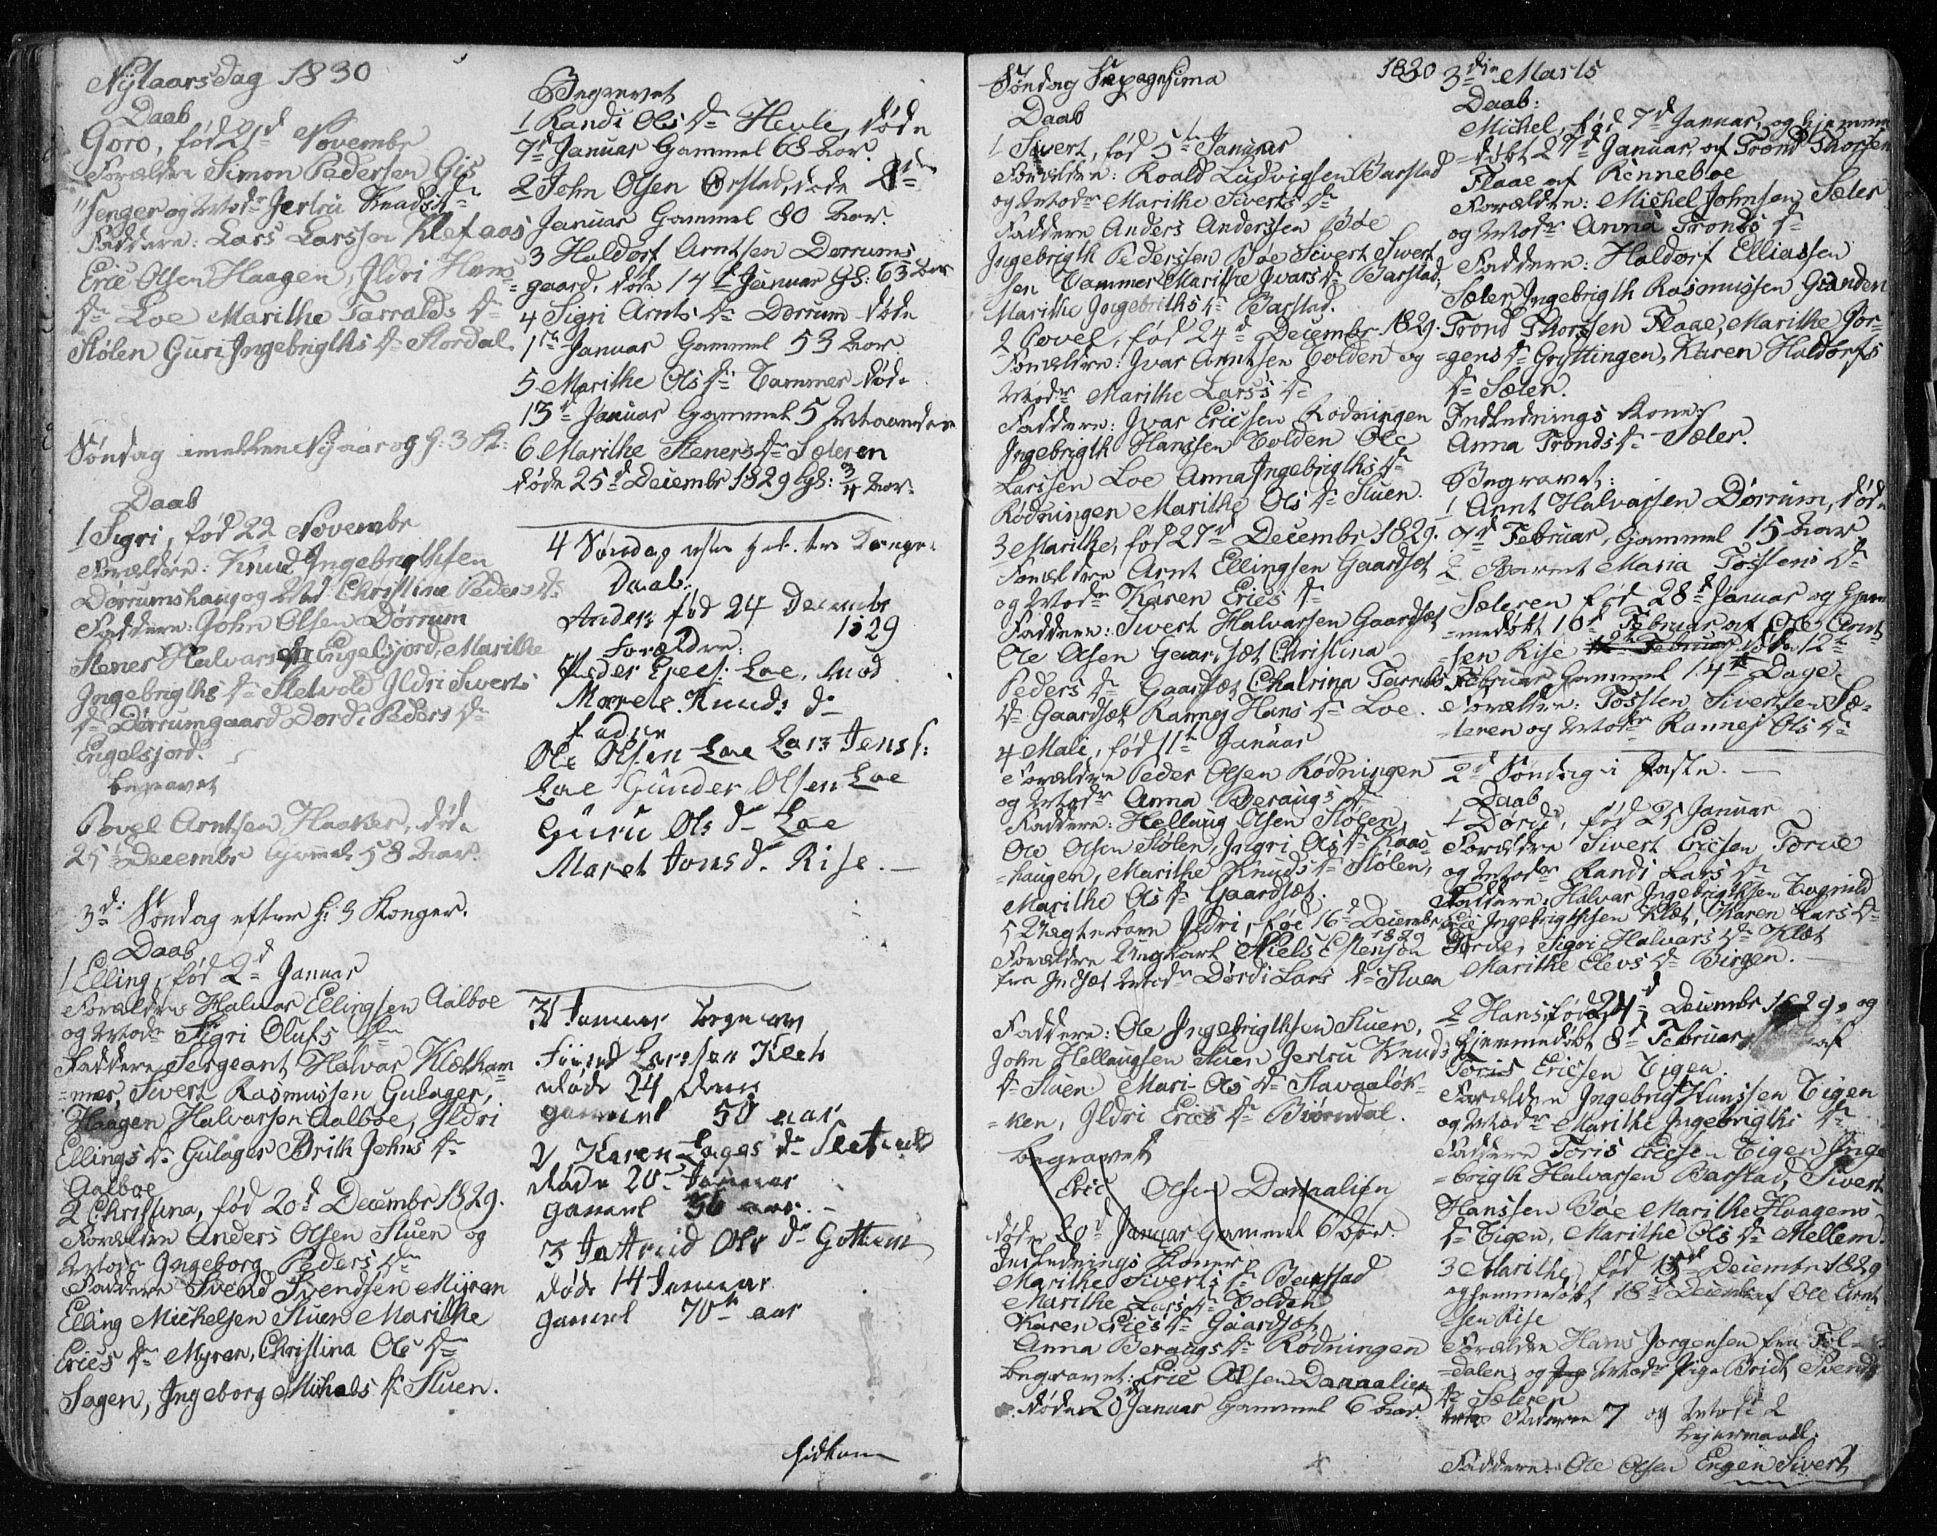 SAT, Ministerialprotokoller, klokkerbøker og fødselsregistre - Sør-Trøndelag, 678/L0913: Klokkerbok nr. 678C02, 1825-1833